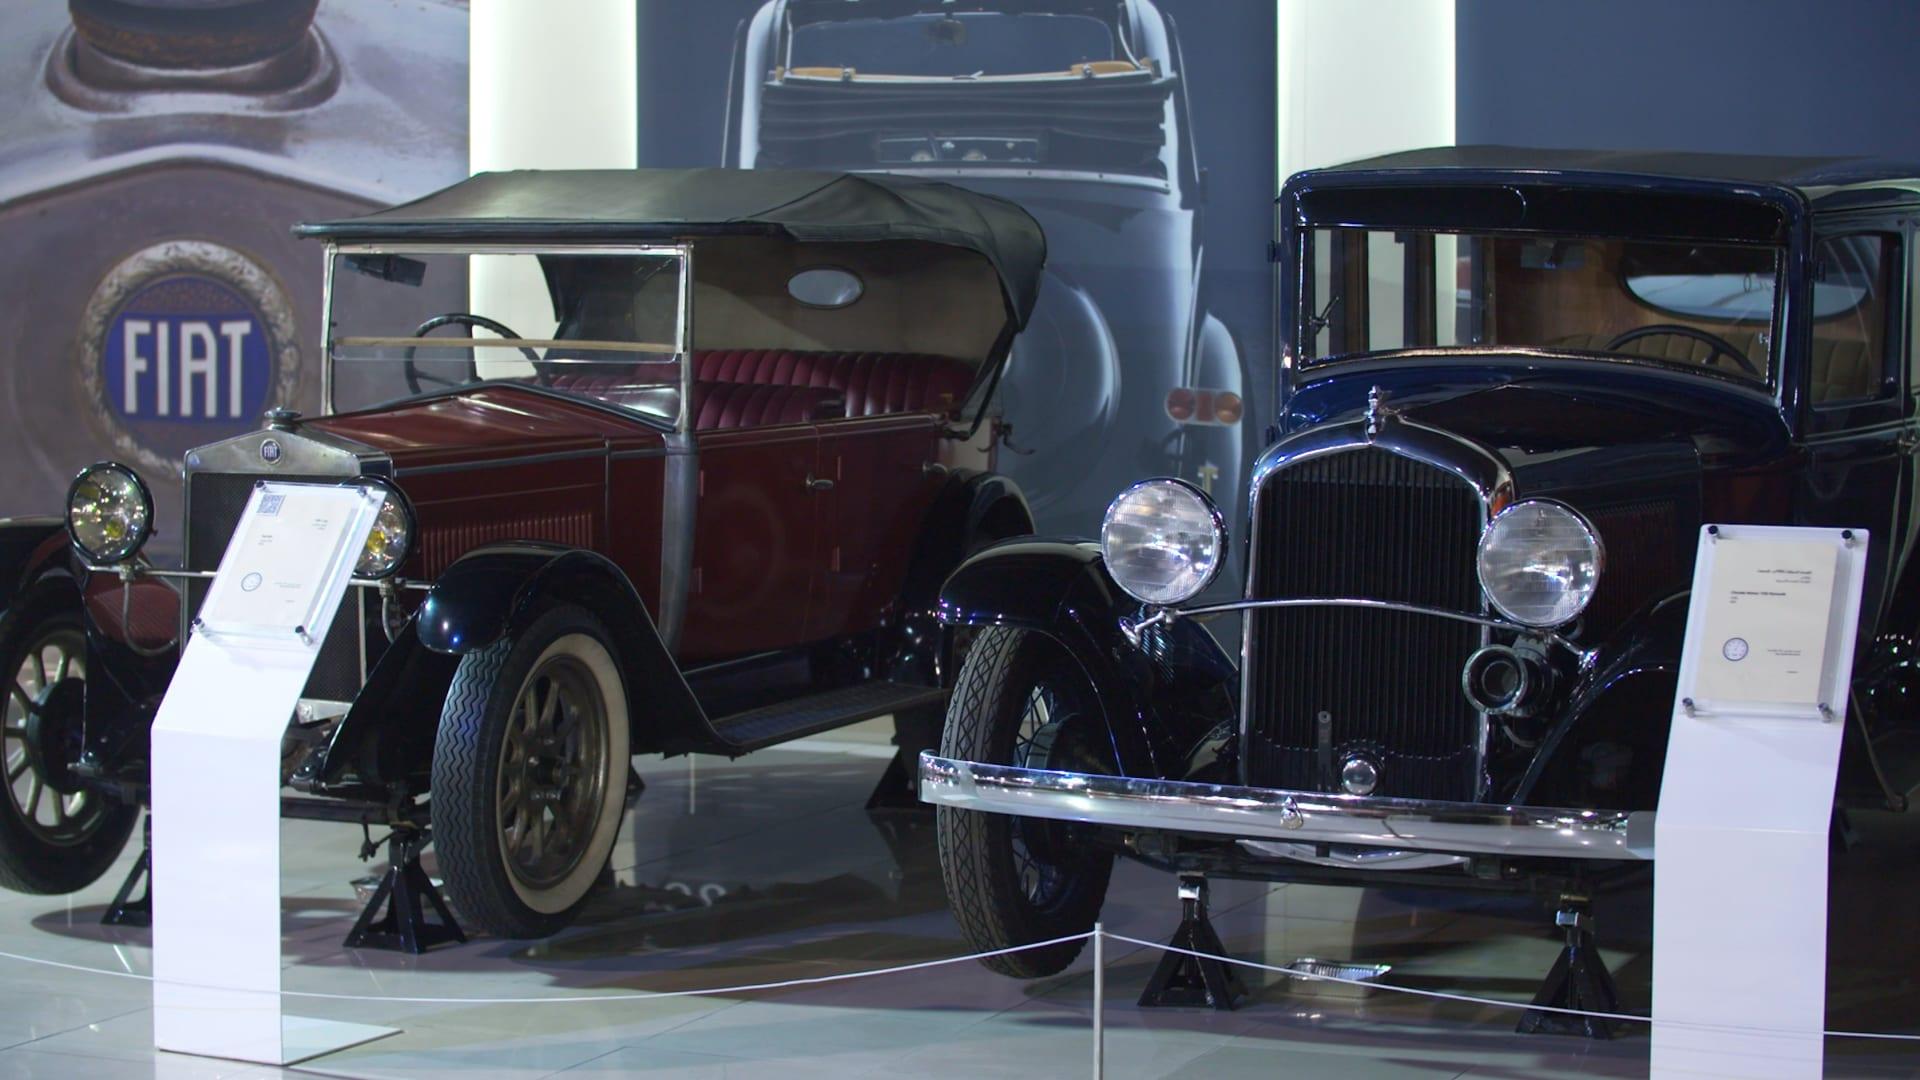 """منها سيارة """"مرسيدس"""" صممت خصيصا لحاكم الشارقة.. إليك ما يمكنك رؤيته في هذا المتحف للسيارات القديمة بالإمارات"""